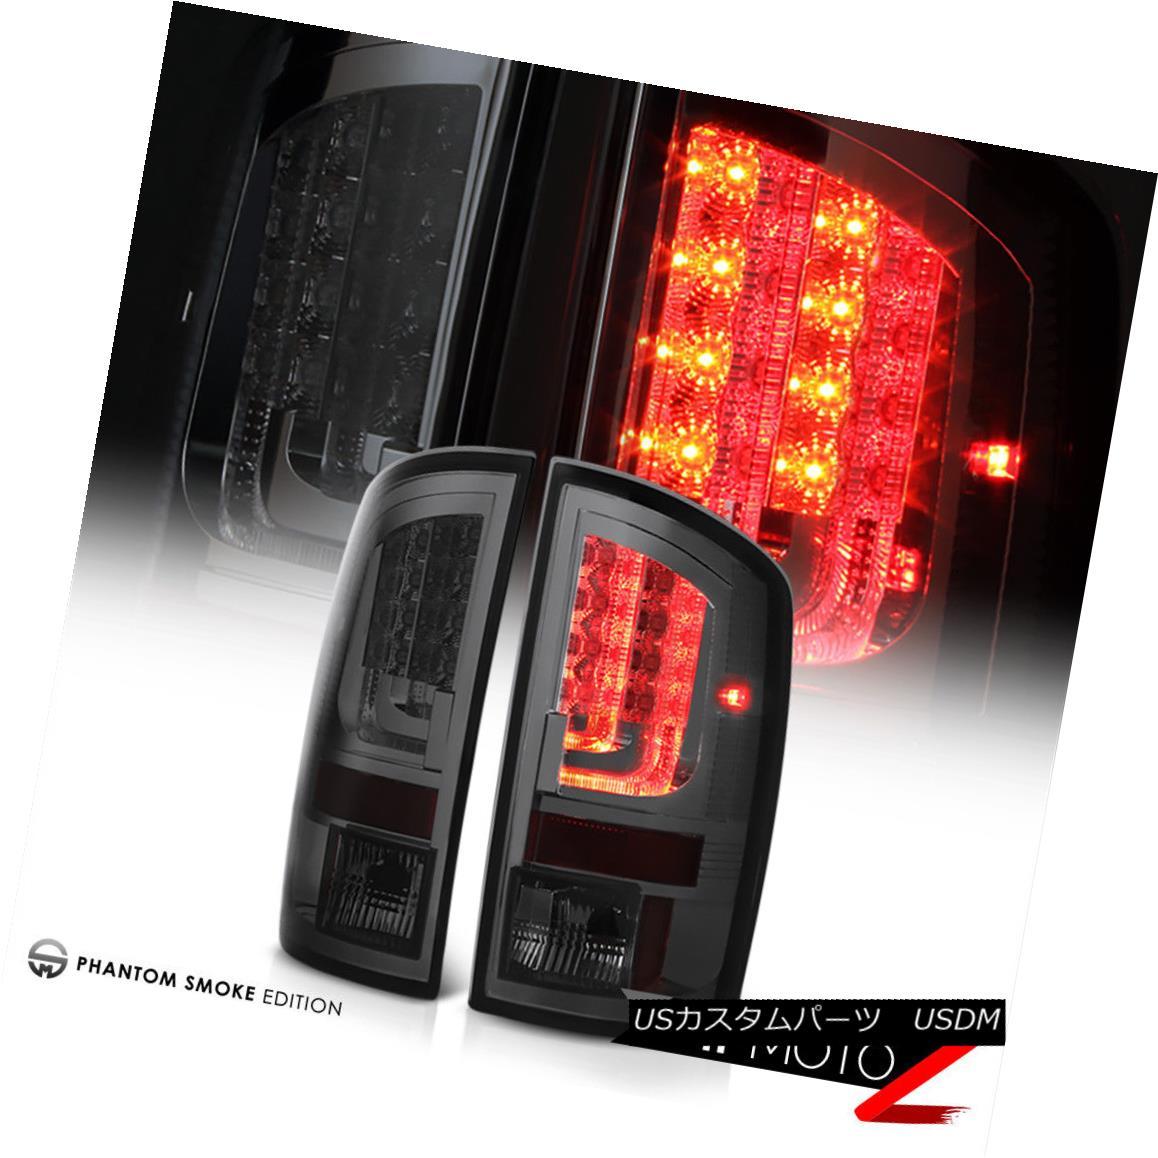 テールライト 2002-2006 Dodge Ram [CRYSTAL VLED PRISM] Smoke SMD LED Tail Lights Lamp PAIR SET 2002-2006ダッジラム[CRYSTAL VLED PRISM]スモークSMD LEDテールライトランプペアセット